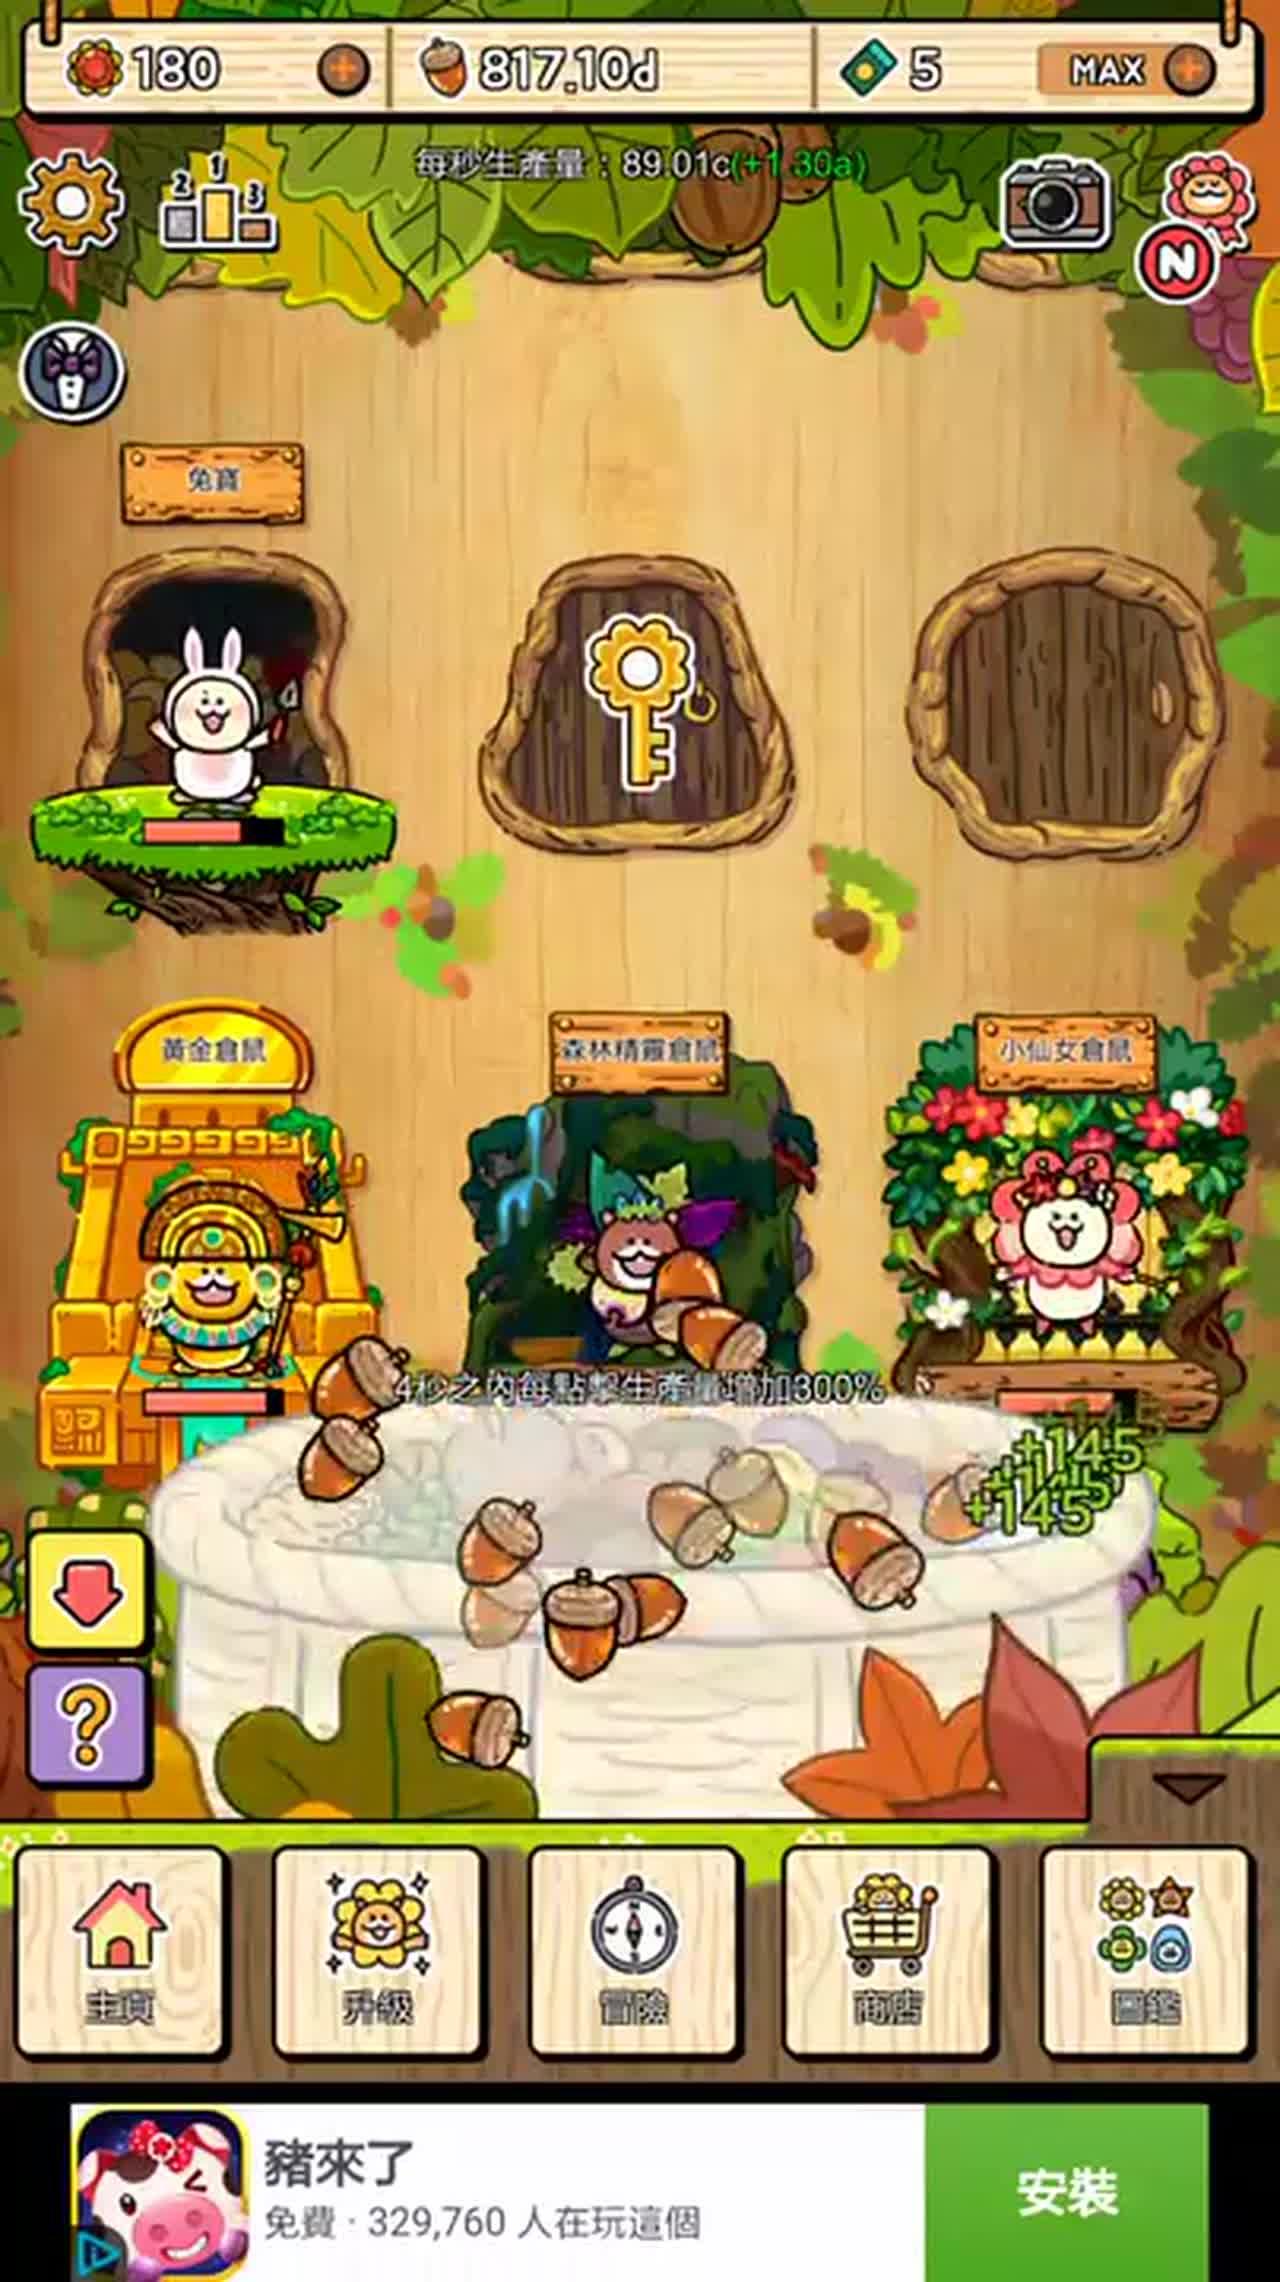 遊戲的方式主要是透過點擊替小倉鼠們收集果實,小倉鼠就是靠這些你收集來的果實升級哦!收集越多果實小倉鼠們越開心~就會獎勵你辛勞工作讓你點擊加倍,收集果實的速度就更快了!